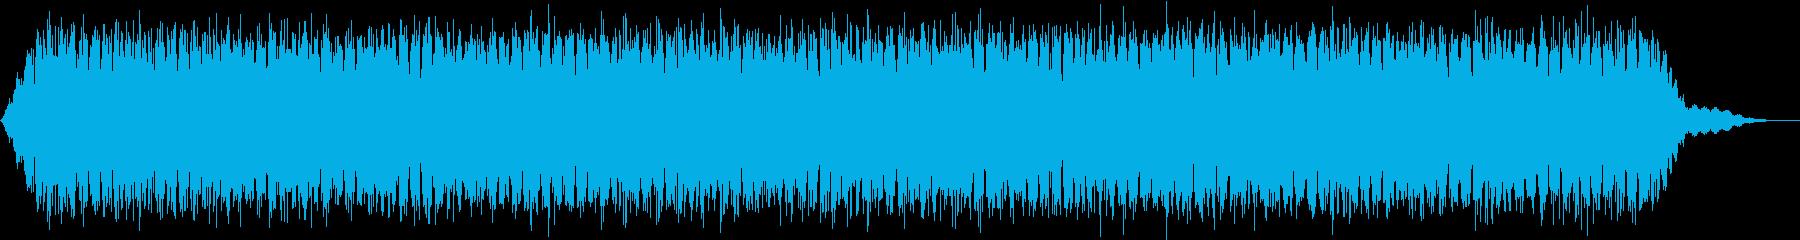 【アンビエント】ドローン_46 実験音の再生済みの波形